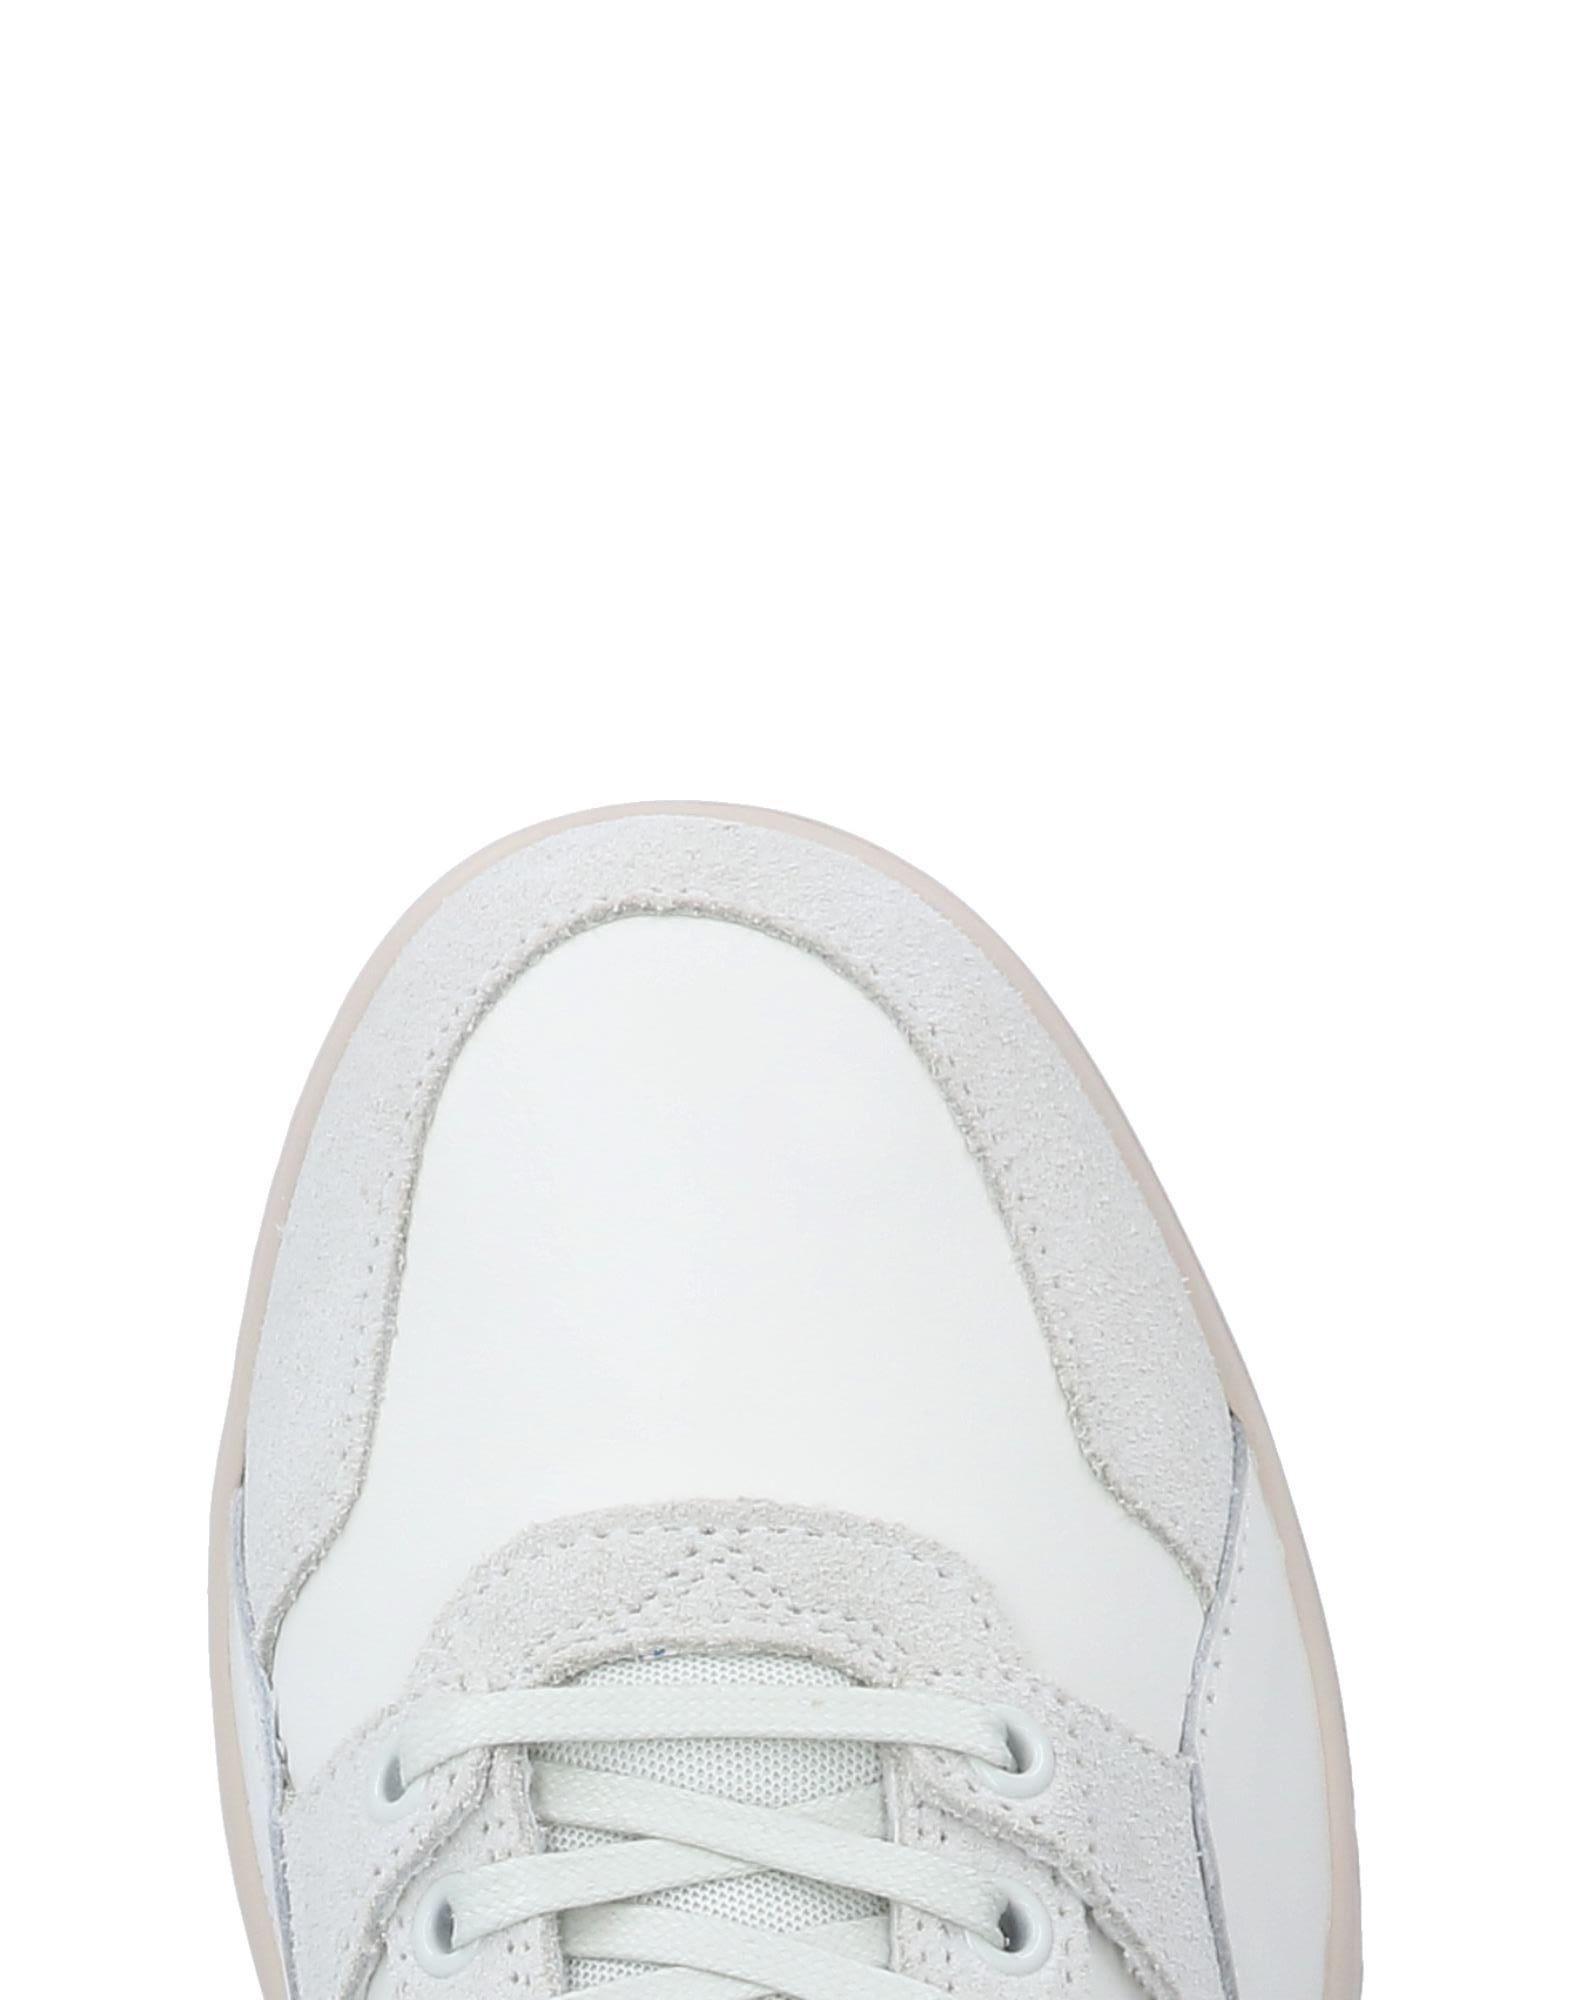 Rabatt echte  Schuhe Diesel Sneakers Herren  echte 11496833NP 798708